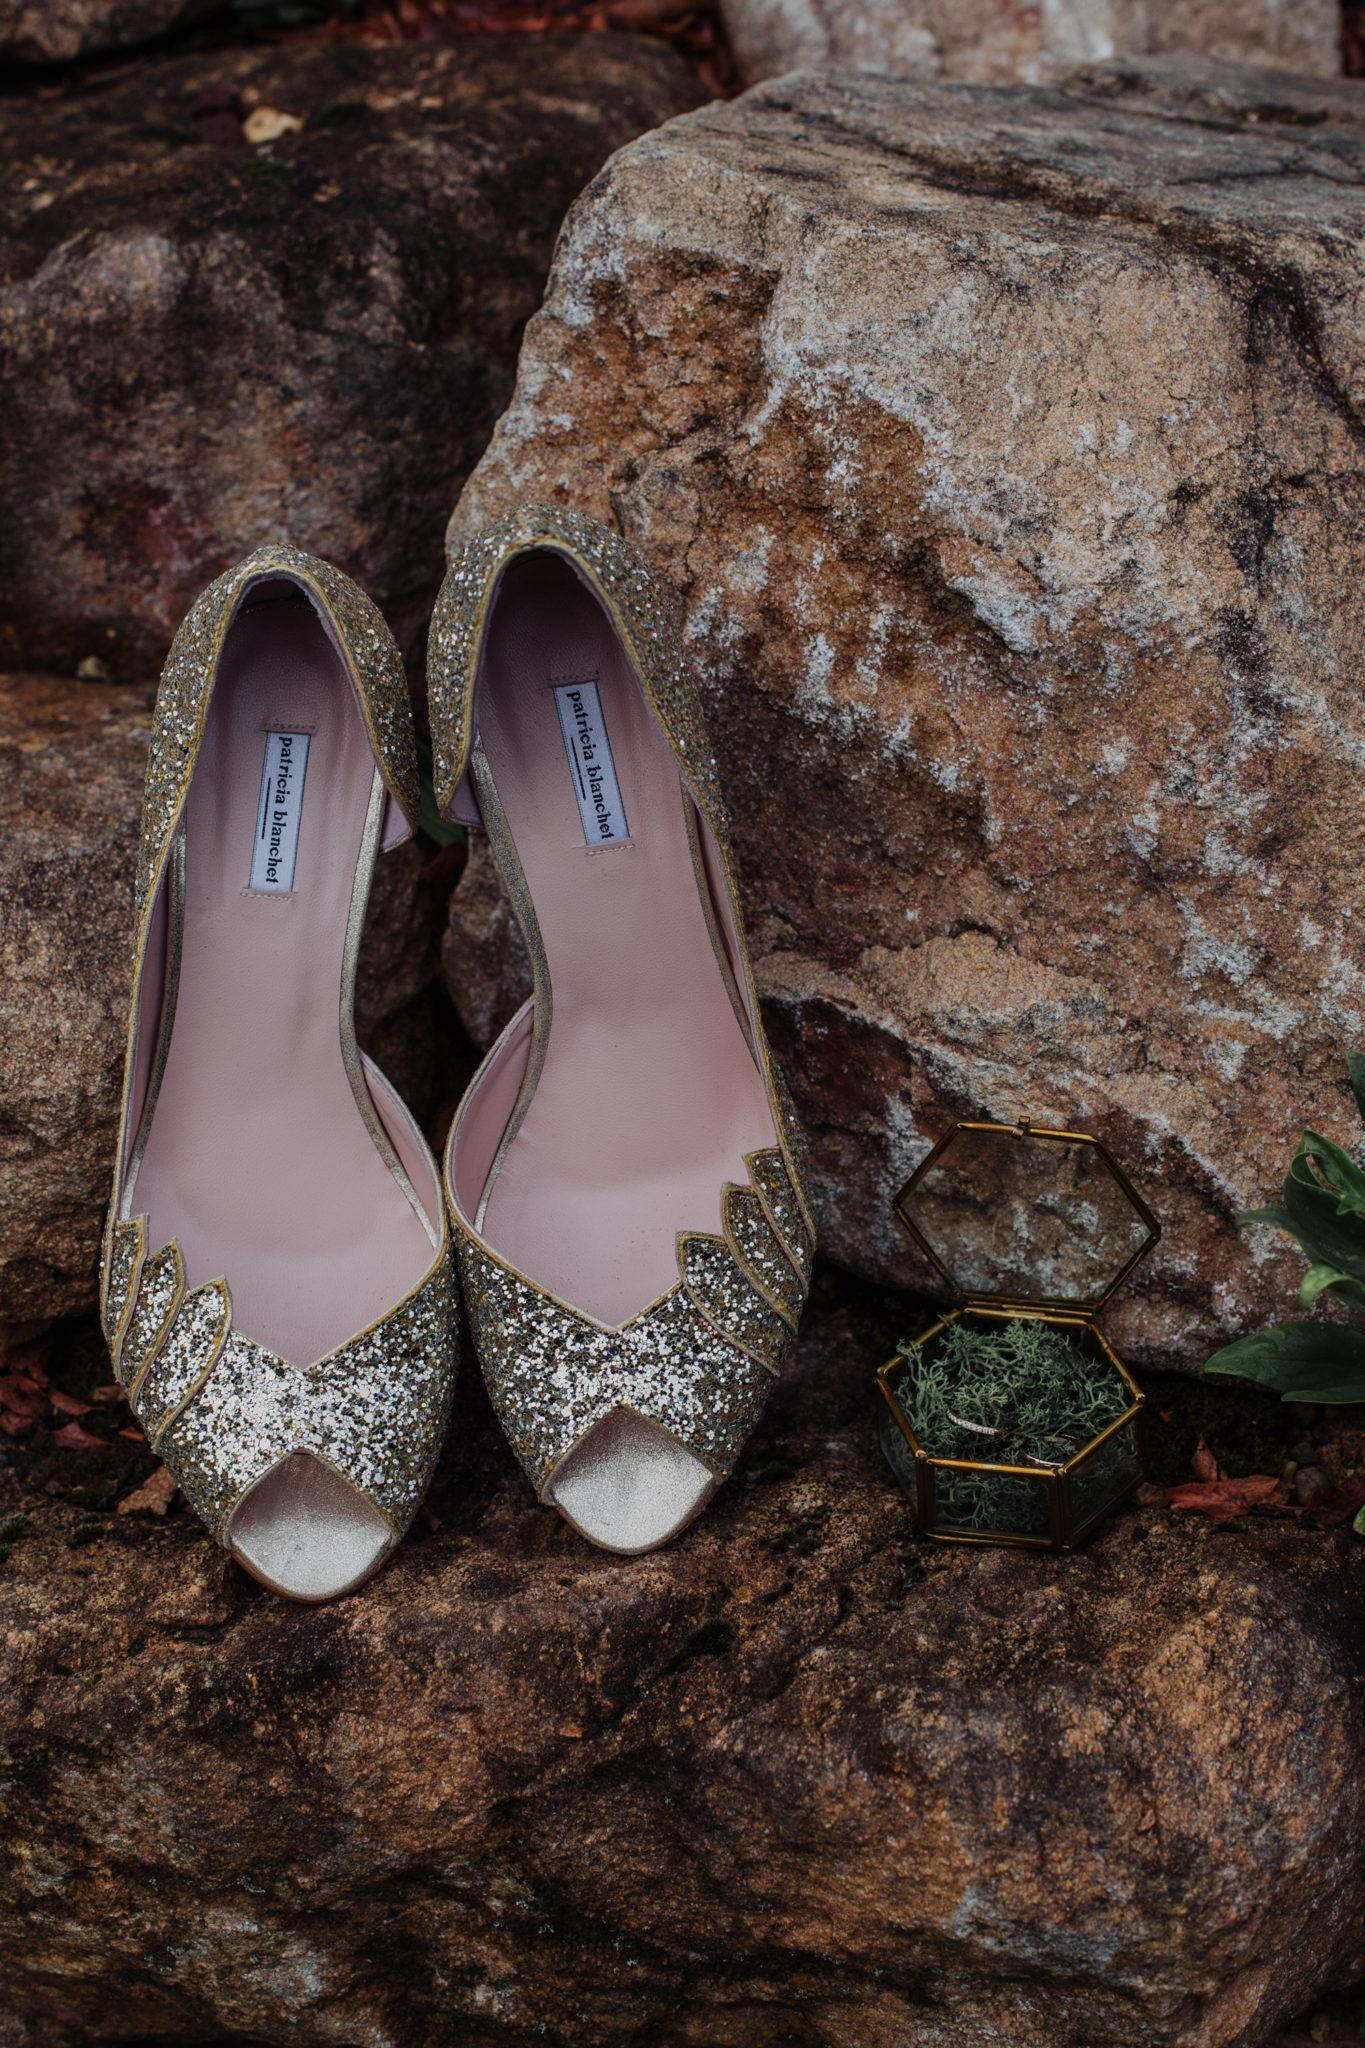 Chaussures Patricia Blanchet paillettes glitter alliances coffret verre mousse mariage Lyon Beaujolais